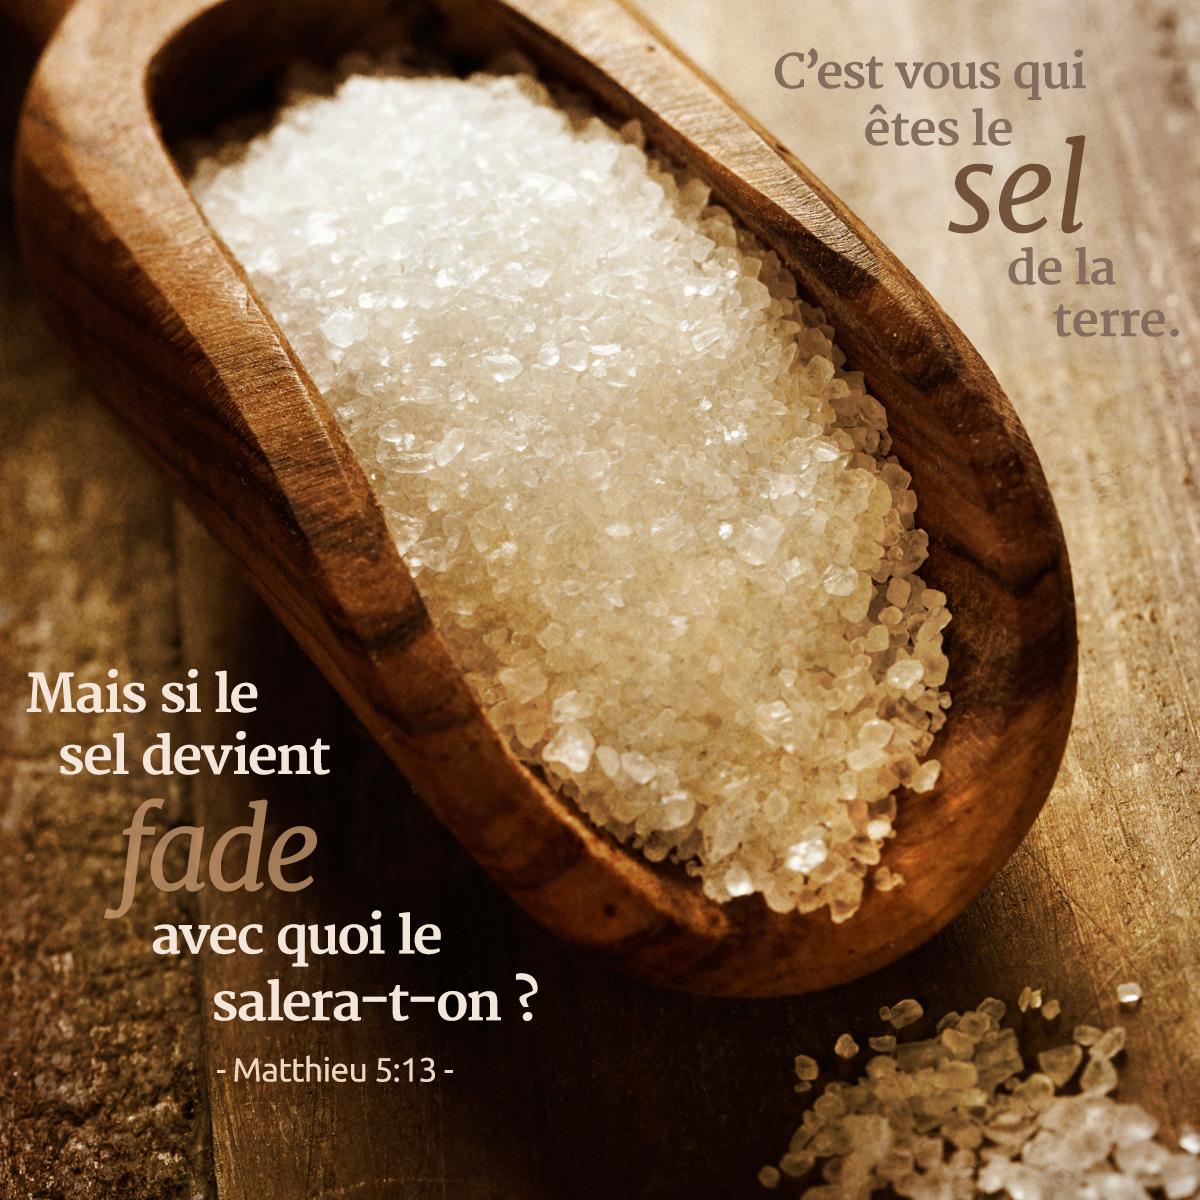 Bien-aimé Vous êtes le sel de la terre | 1001 versets EH93